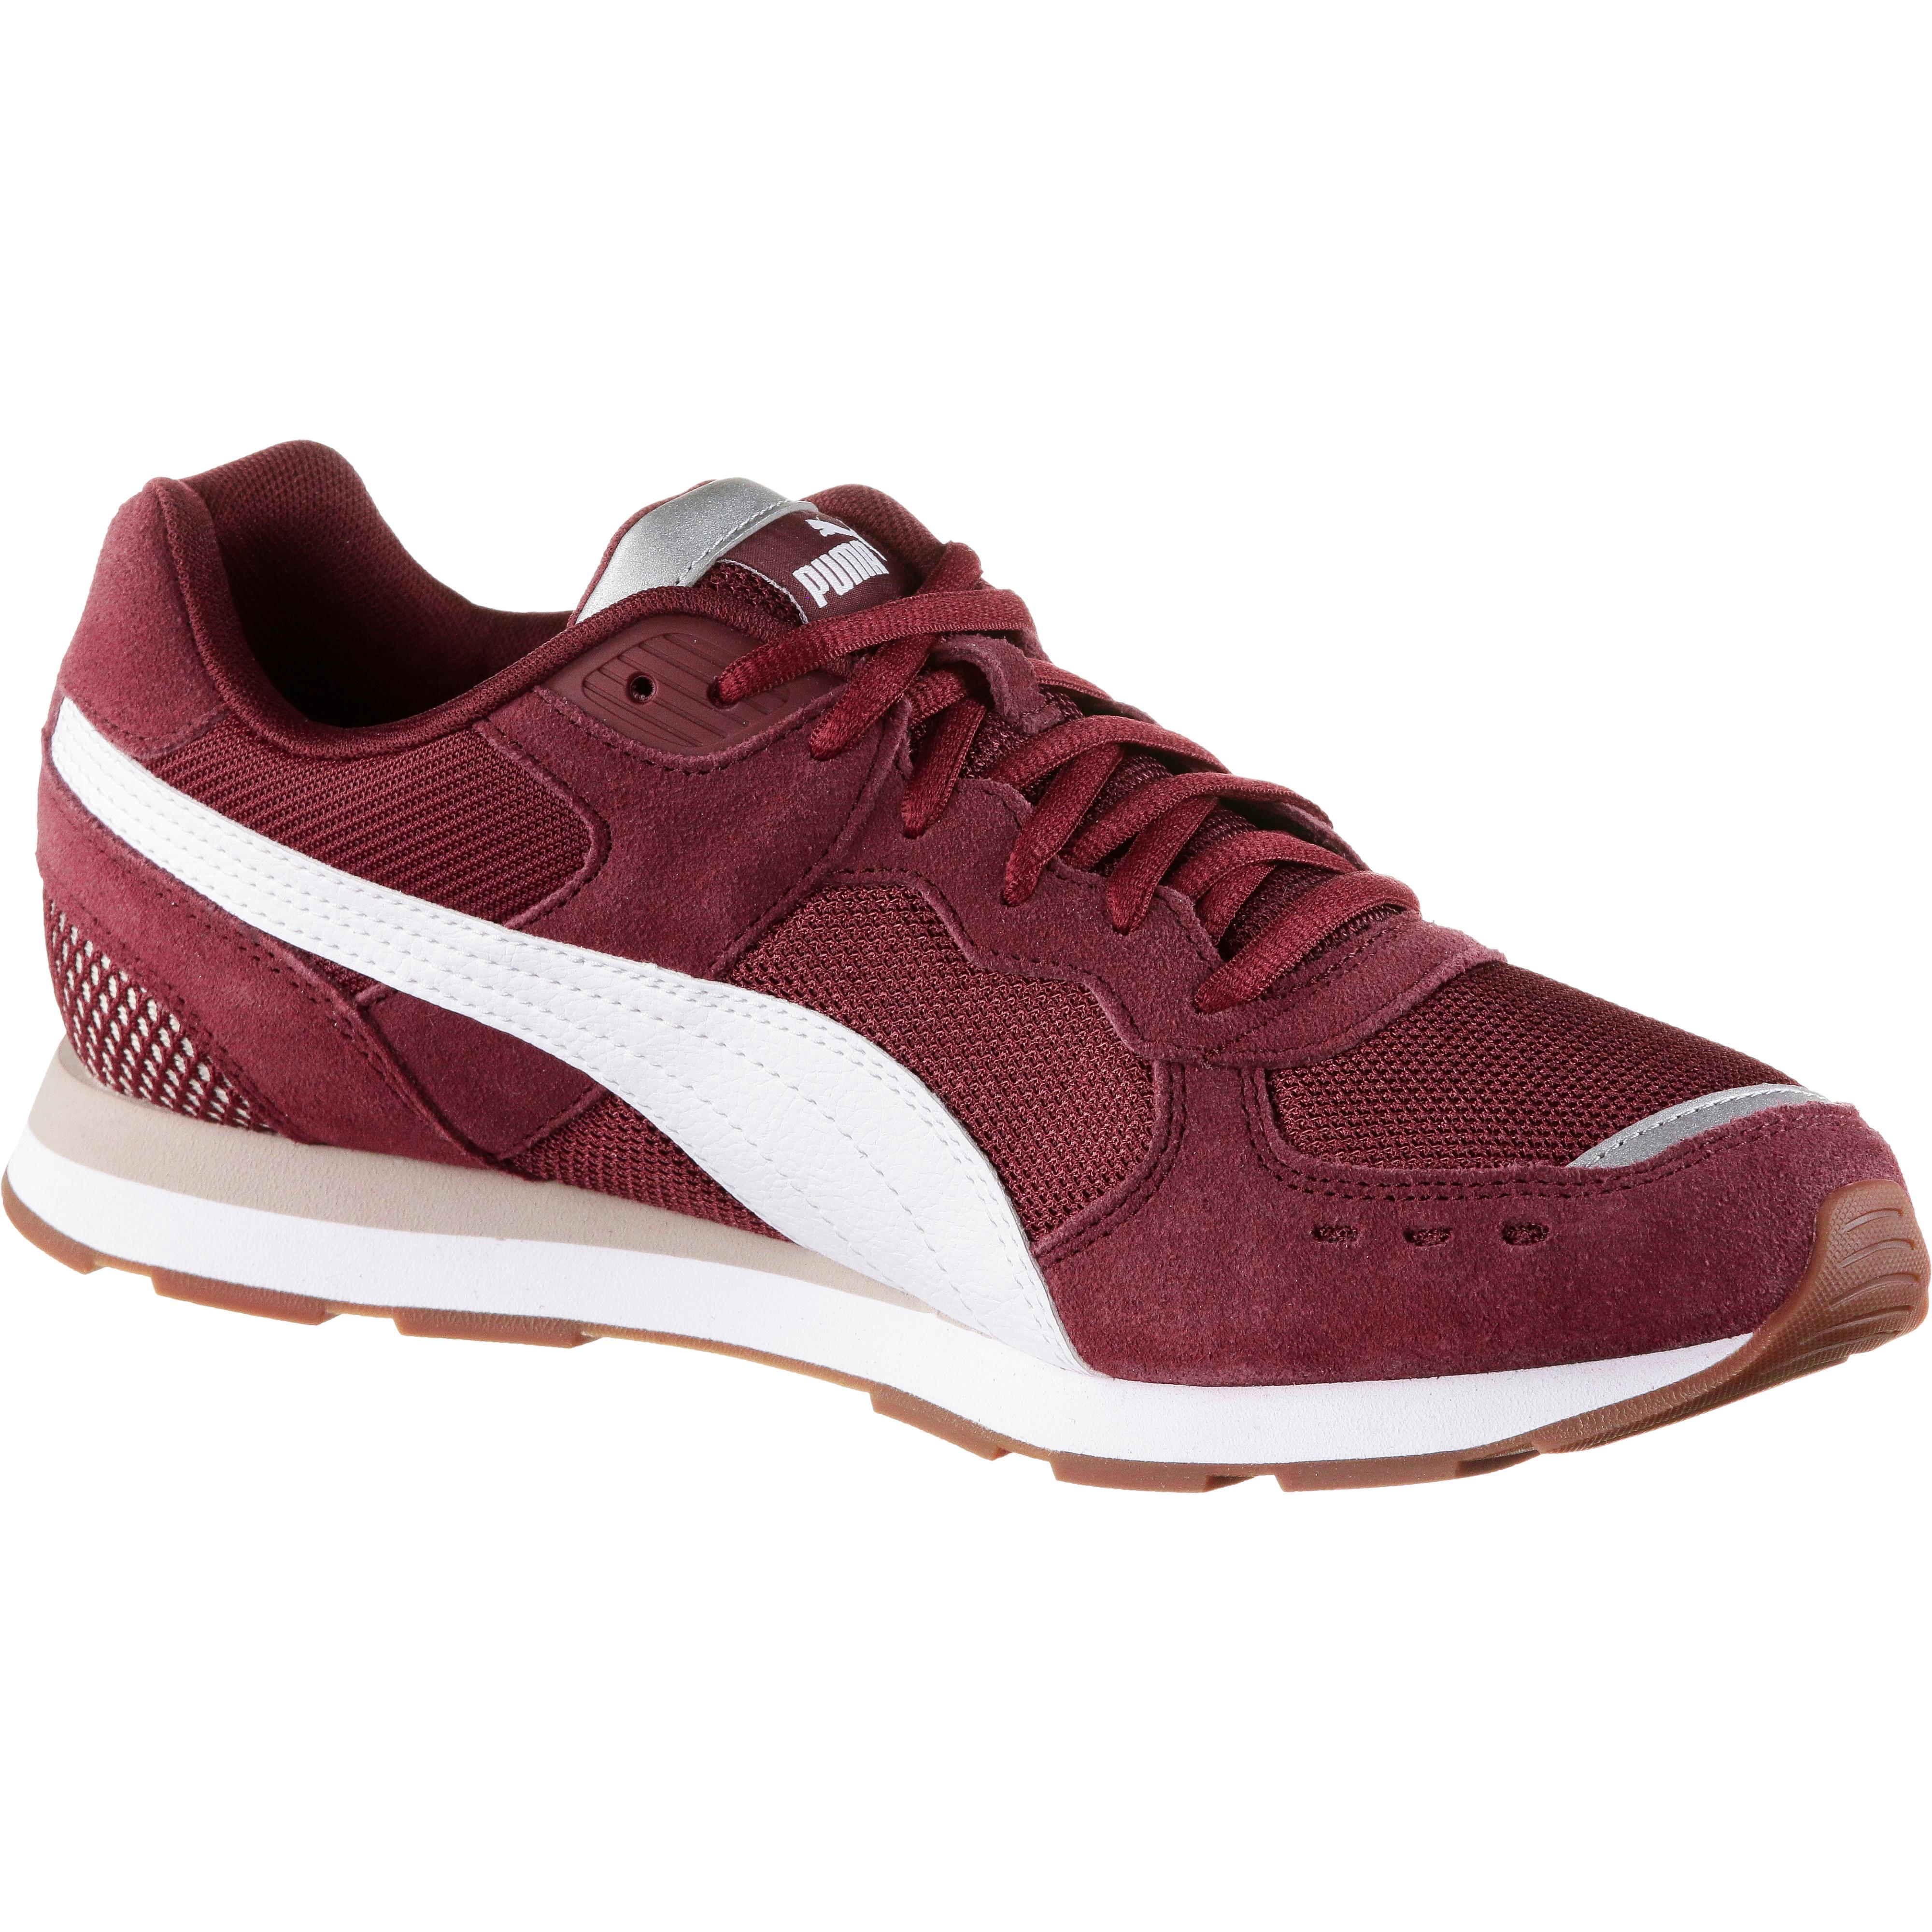 PUMA Vista von Turnschuhe Herren puma schwarz-puma Weiß-charcoal im Online Shop von Vista SportScheck kaufen Gute Qualität beliebte Schuhe f4f529